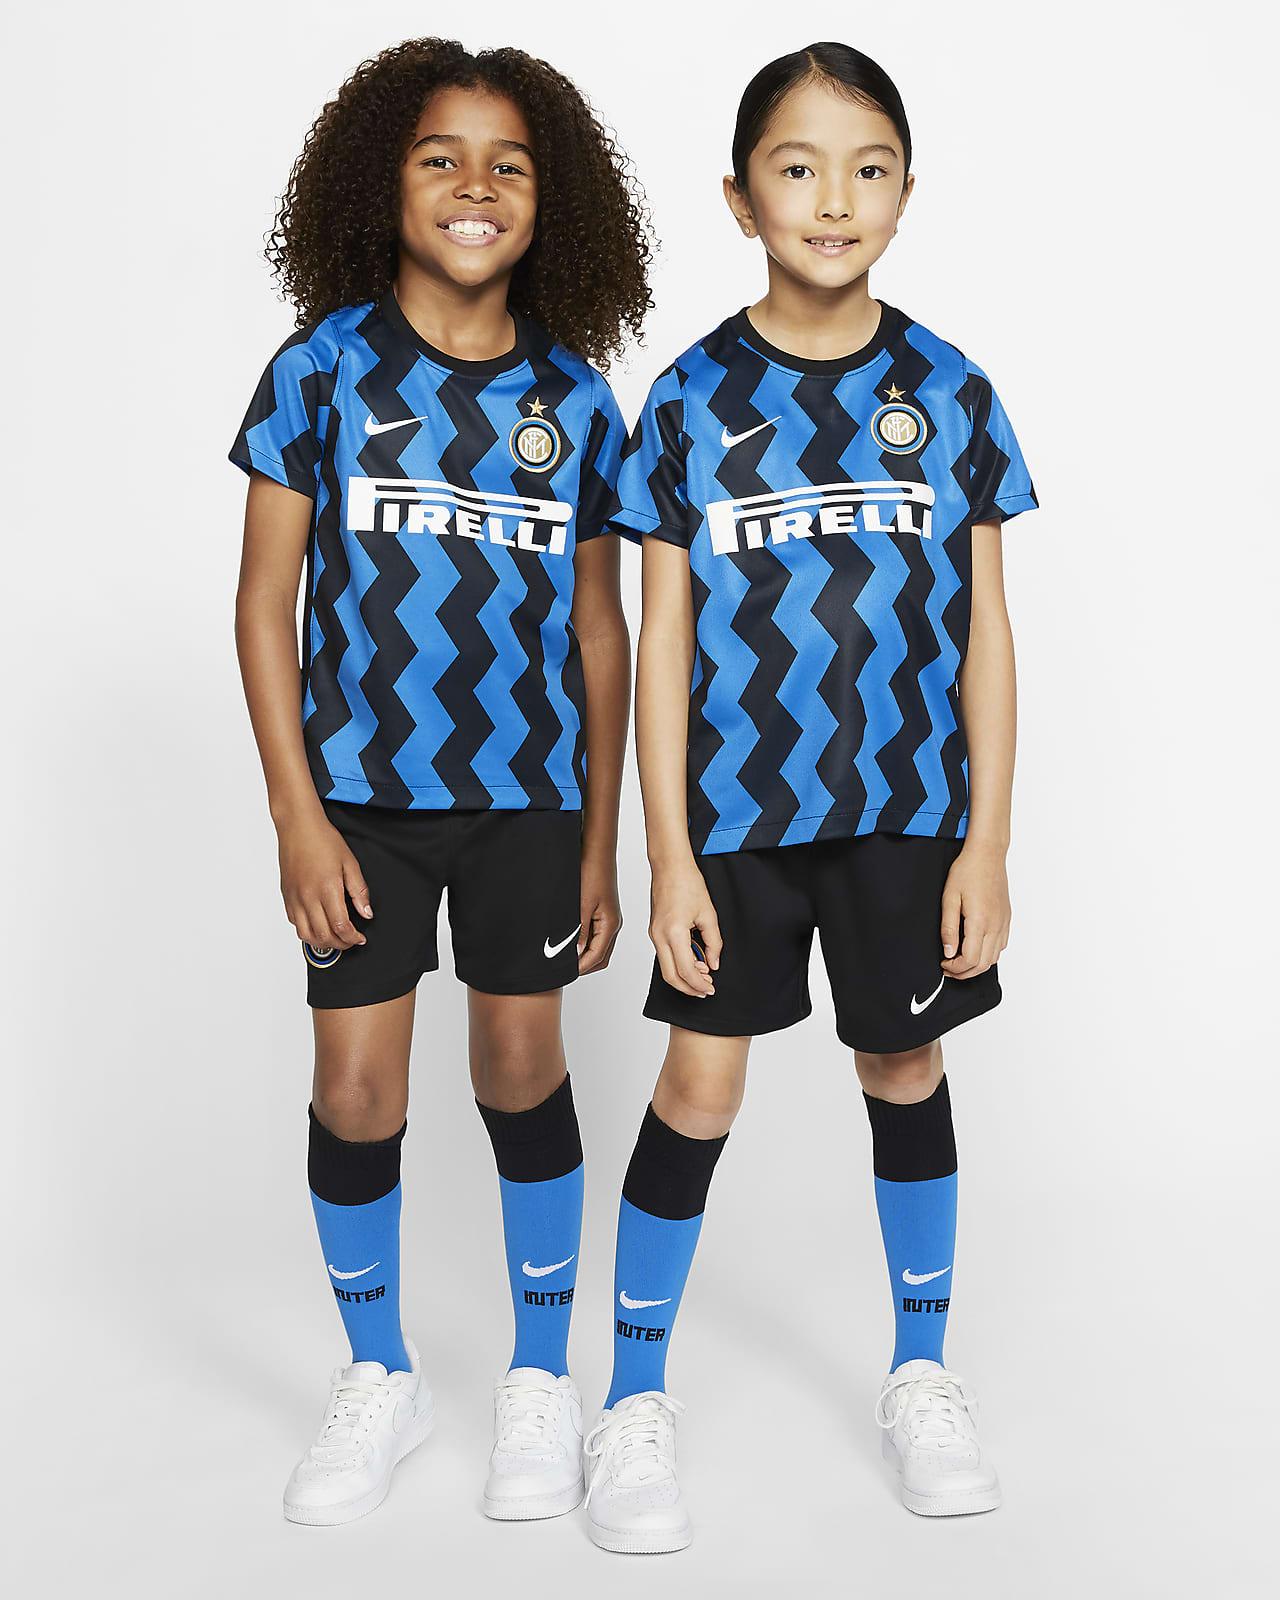 Primera equipació Inter Milan 2020/21 Equipació de futbol - Nen/a petit/a